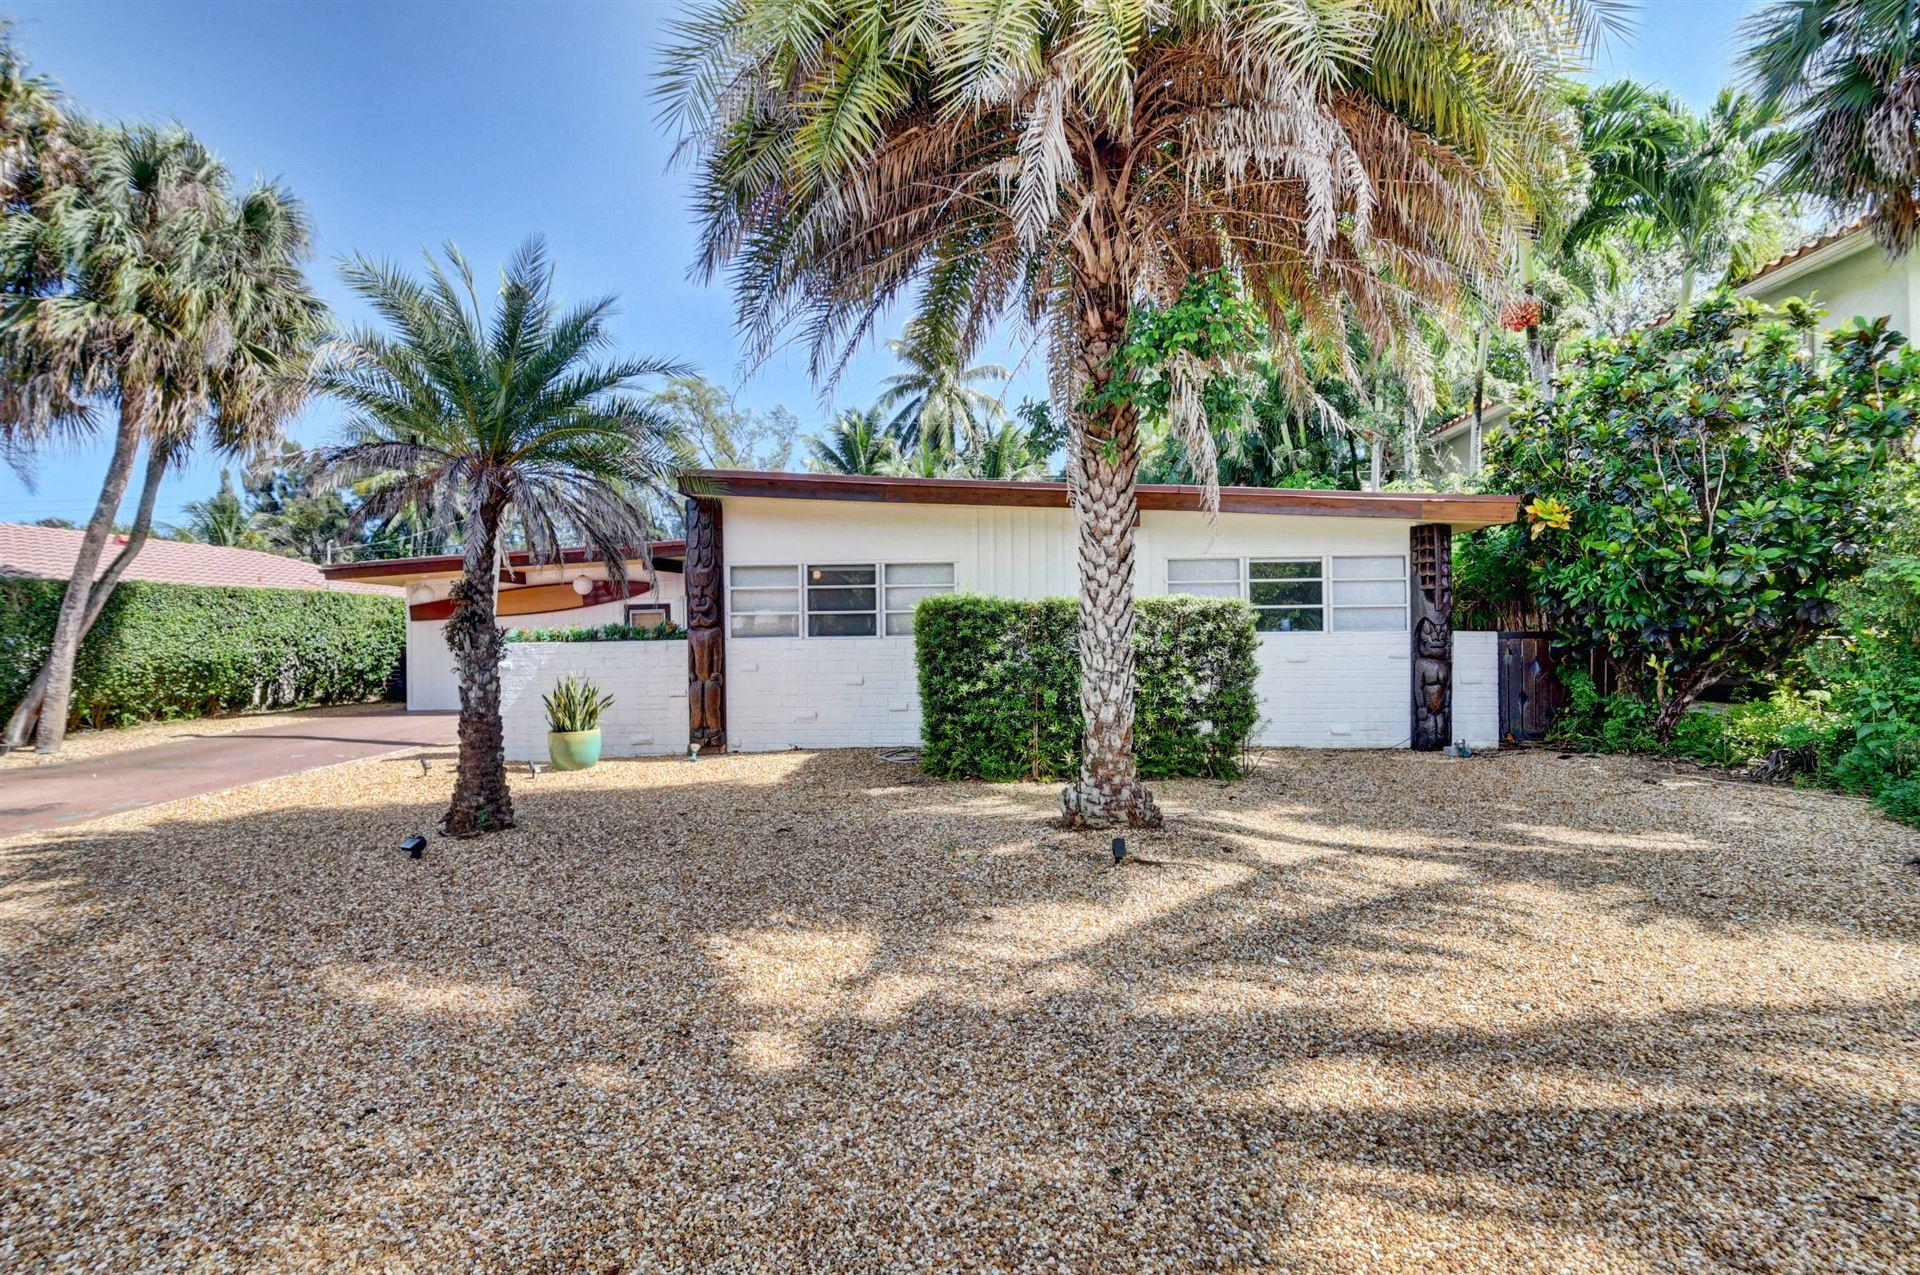 466 NW 7th Avenue, Boca Raton, FL 33486 - #: RX-10656278